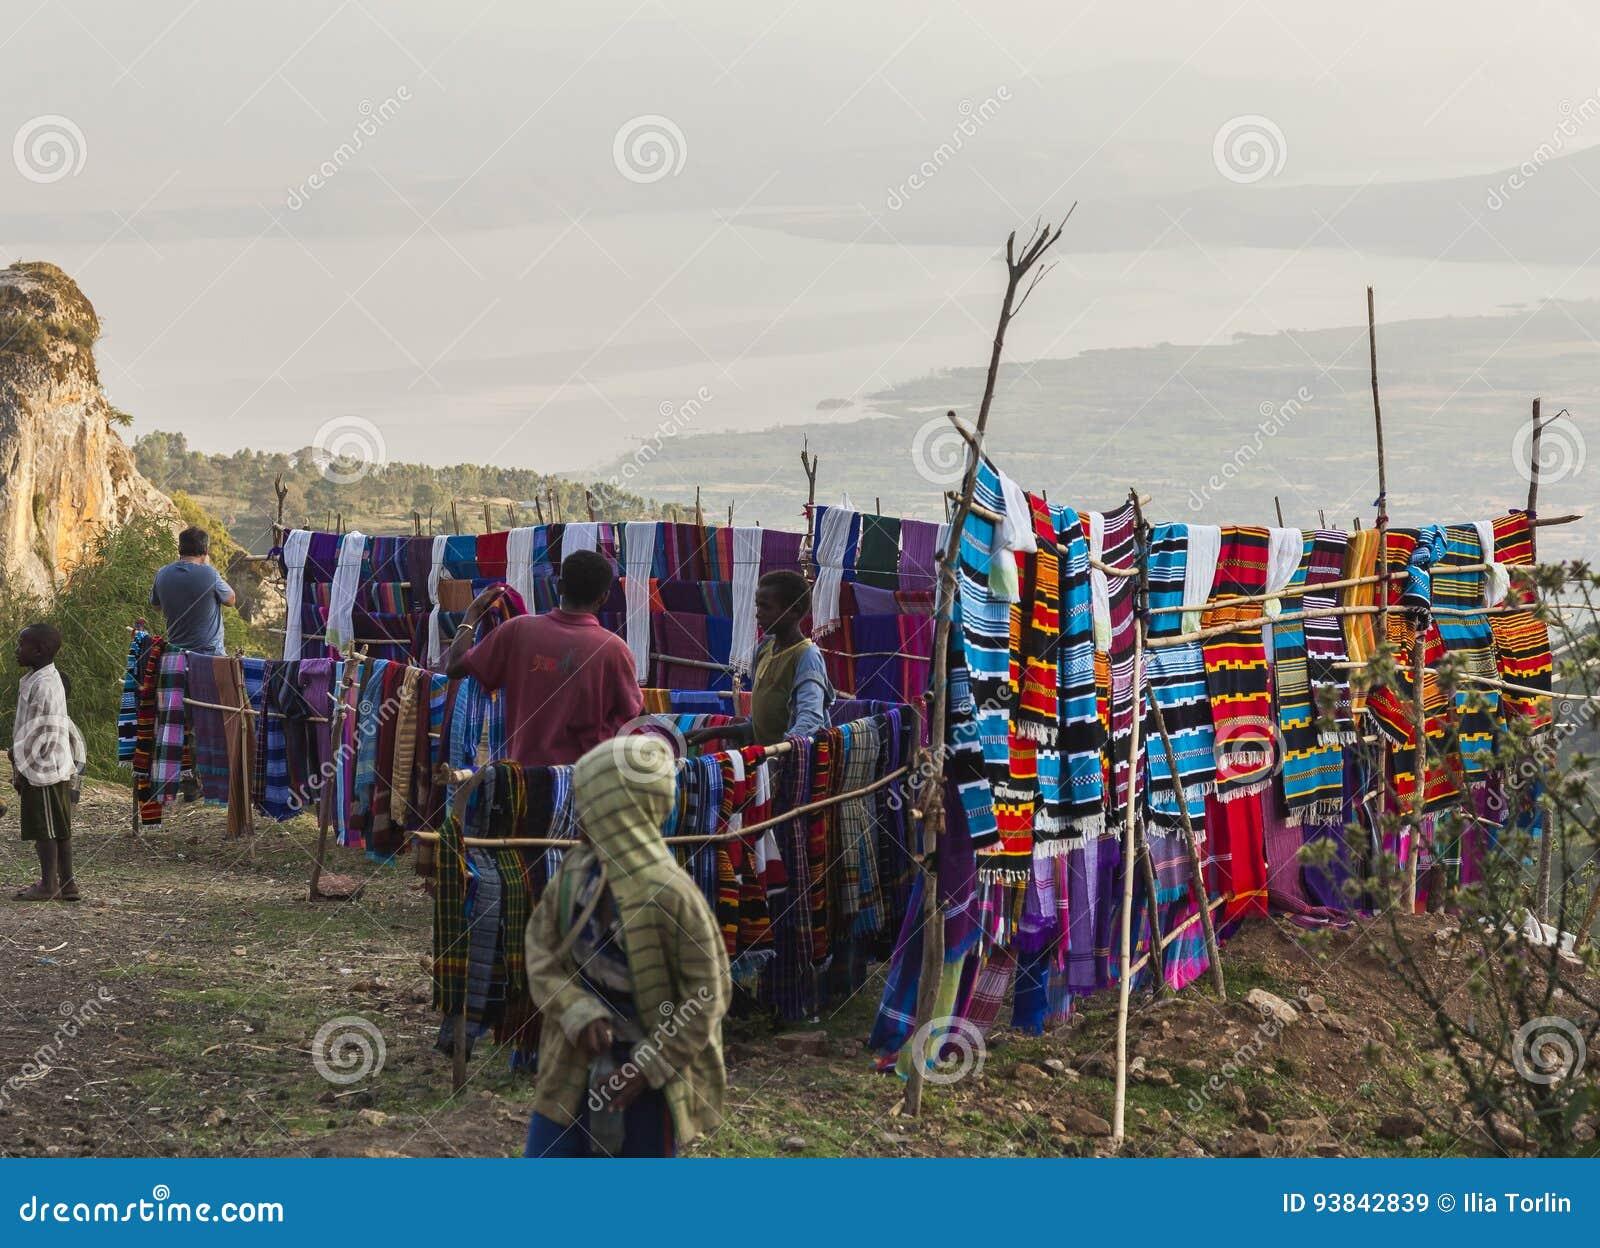 Les gens au marché traditionnel de Dorze Village de Hayzo Dorze Ethiop